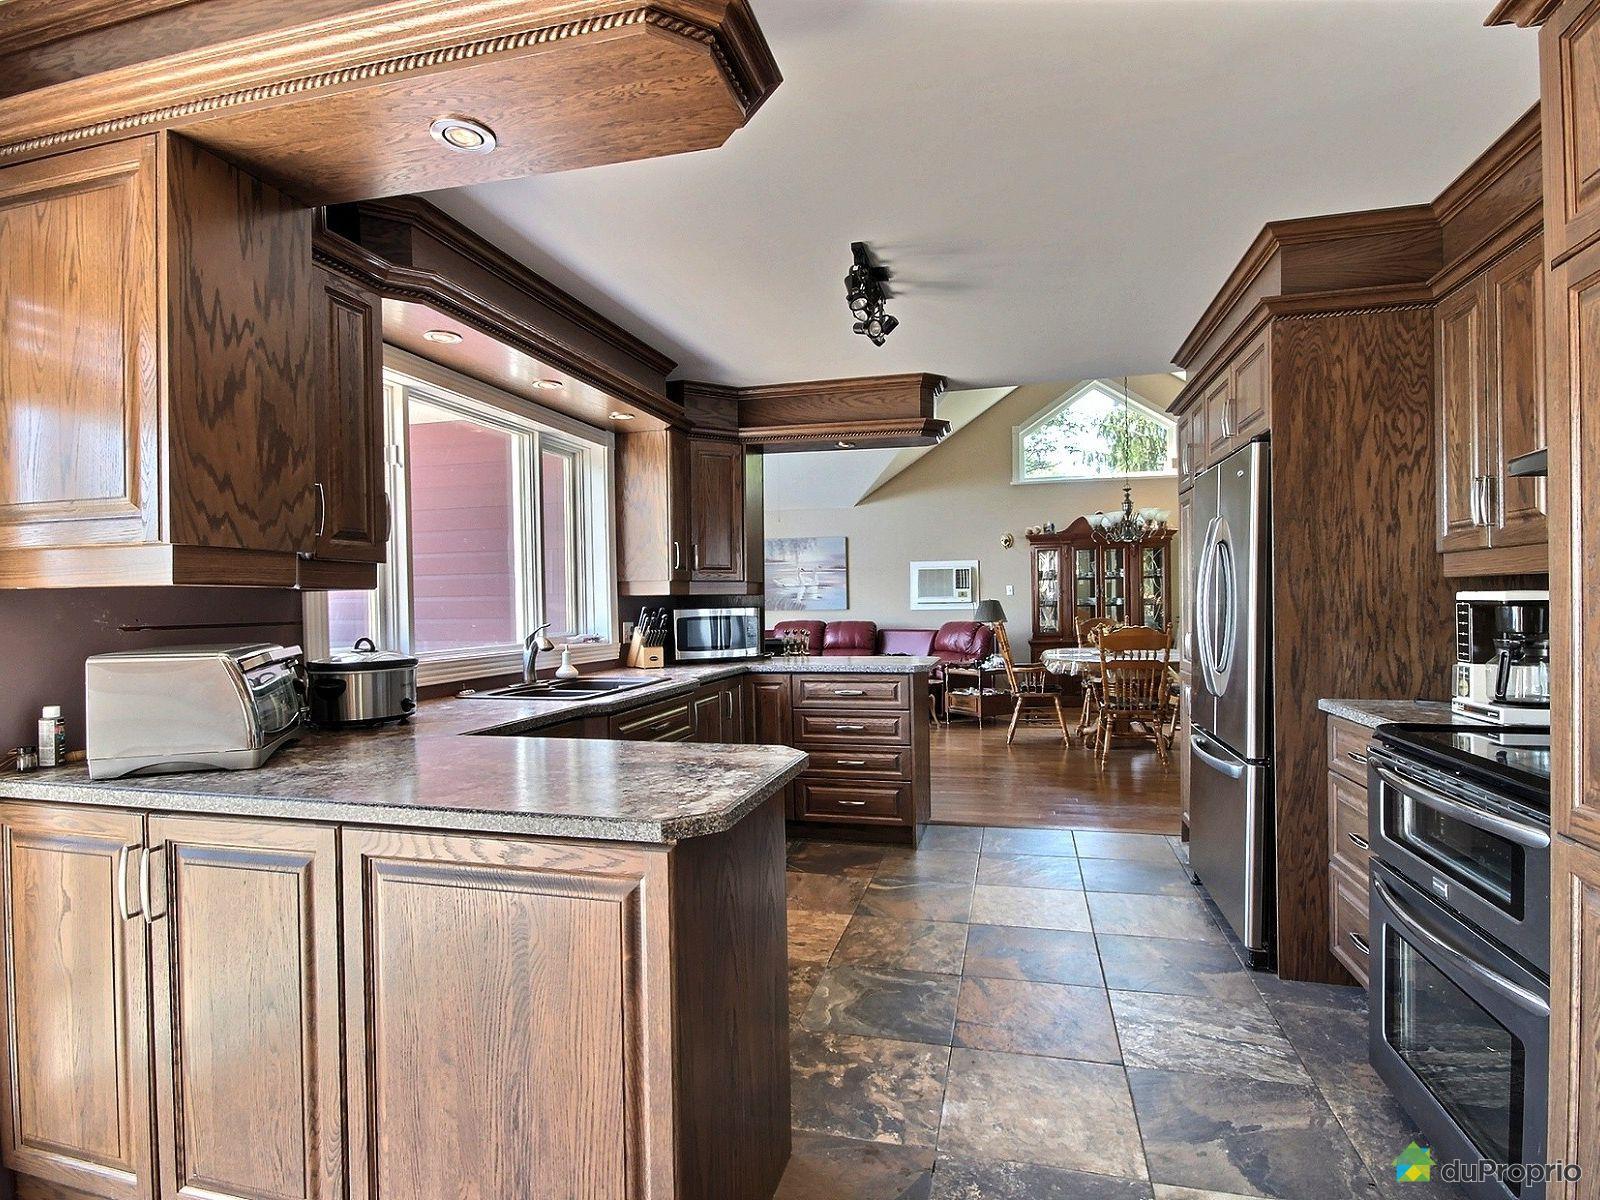 armoires super prix votre alli pour une cuisine r ussie armoires super prix 514 522. Black Bedroom Furniture Sets. Home Design Ideas